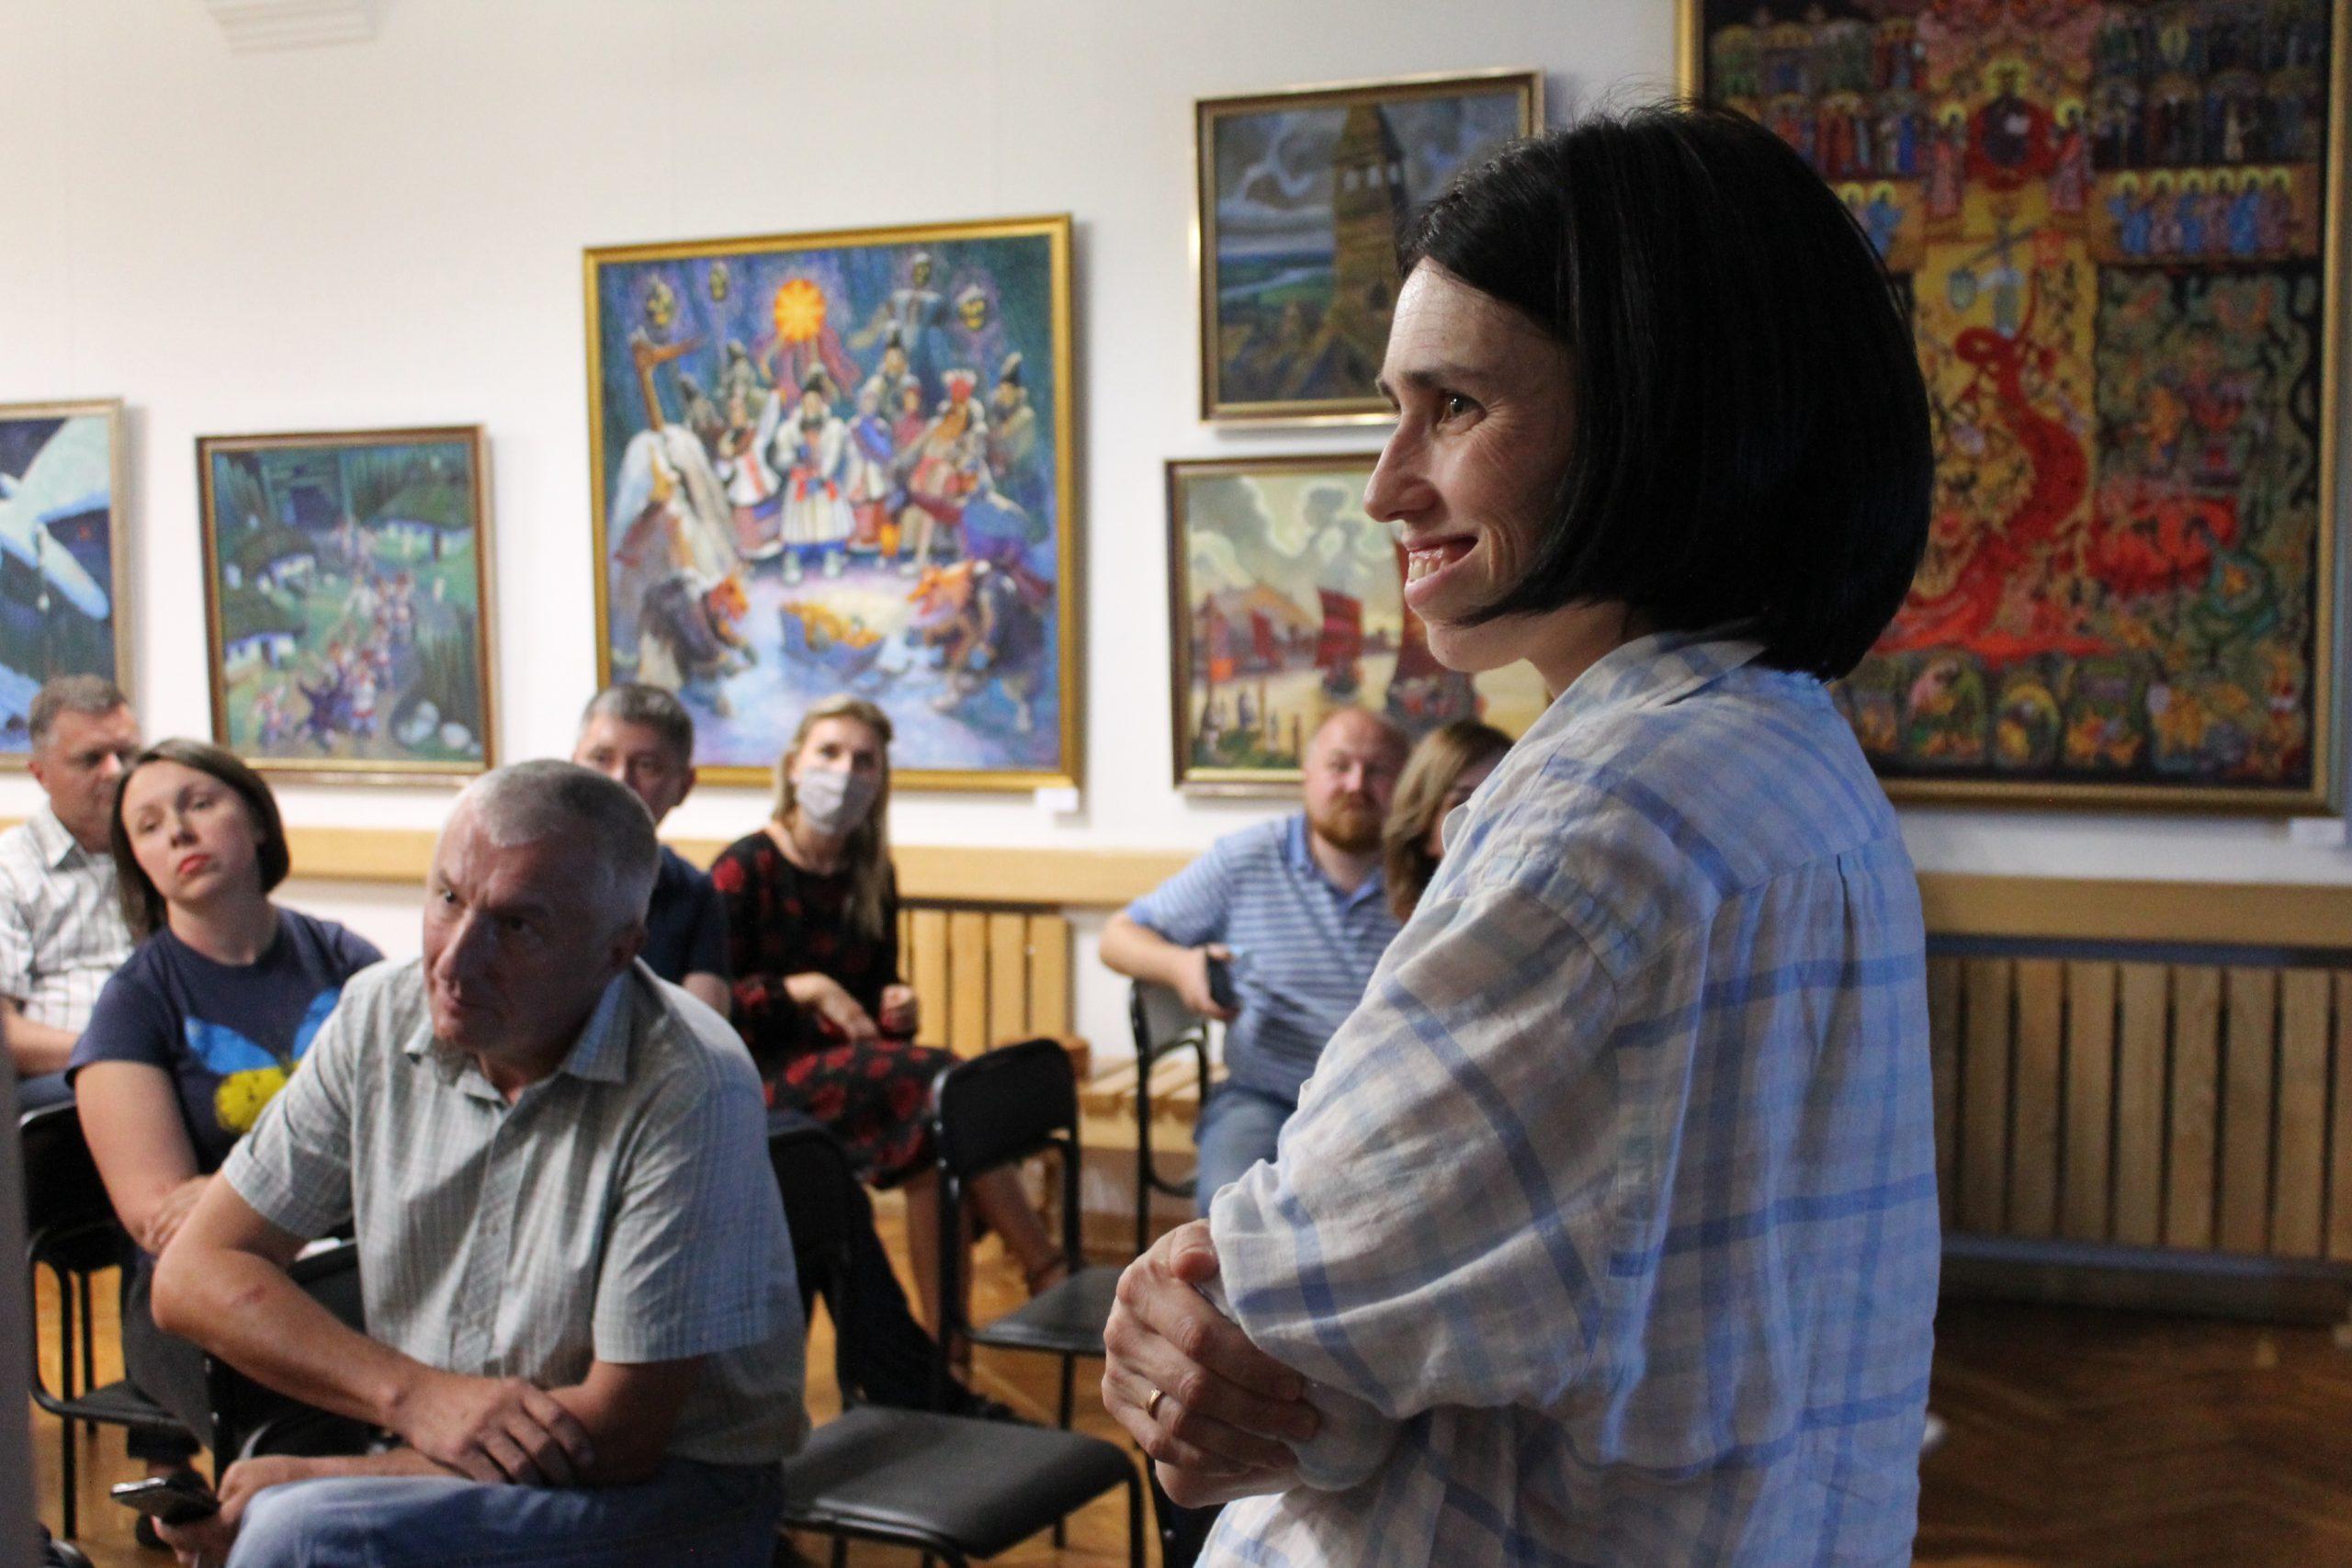 Співпрацю бізнесу і культурного осередку обговорили в Черкасах